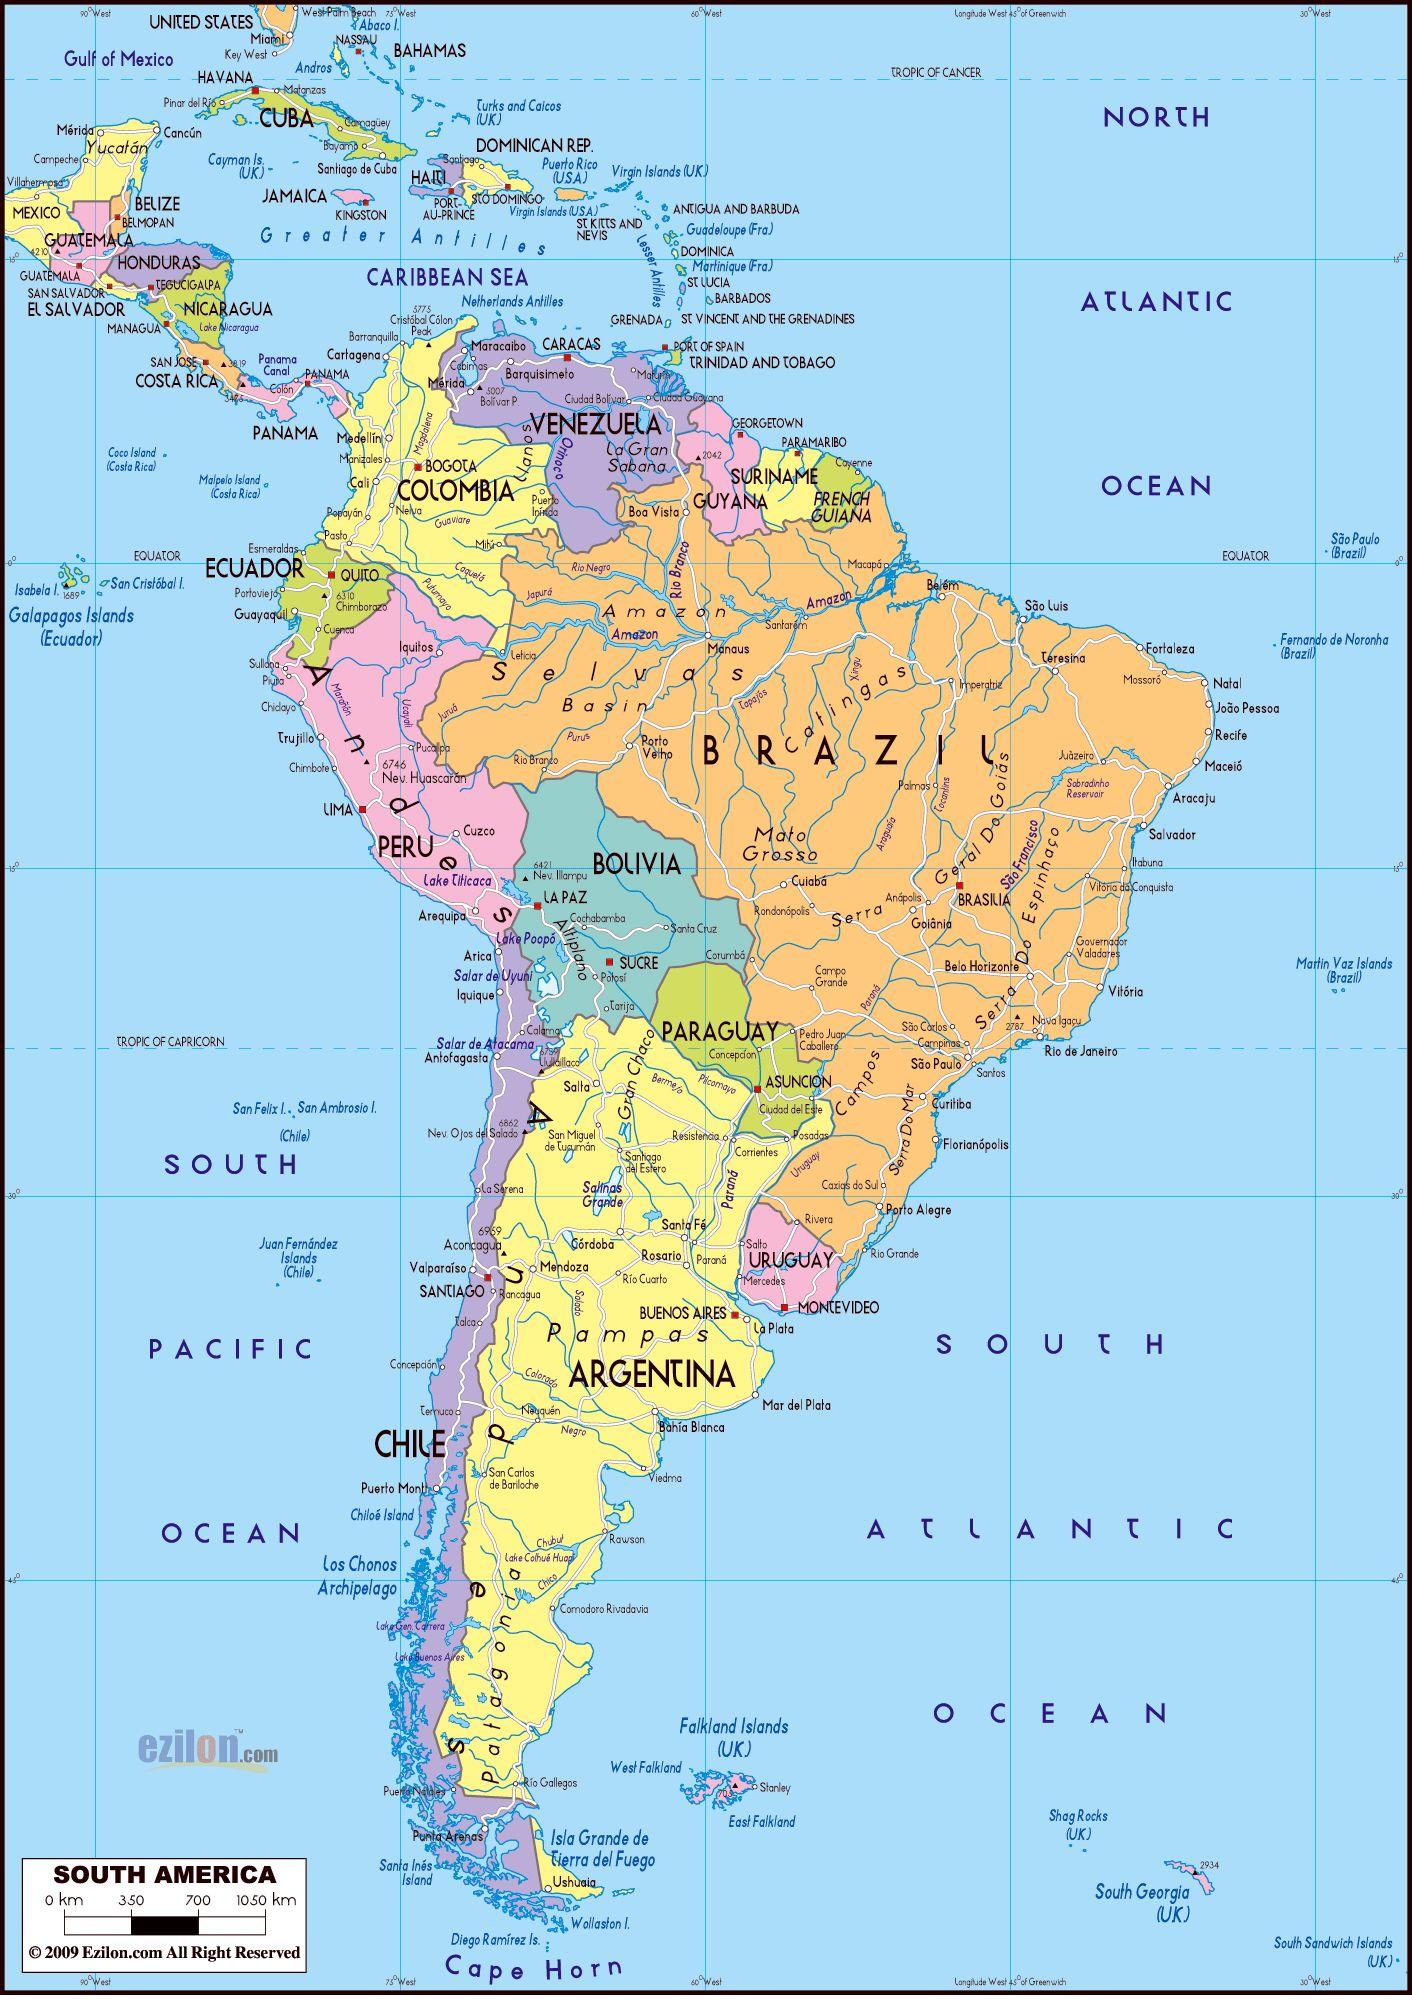 Ameryka Poludniowa Mapa Polityczna With Images Mapa Wykresy